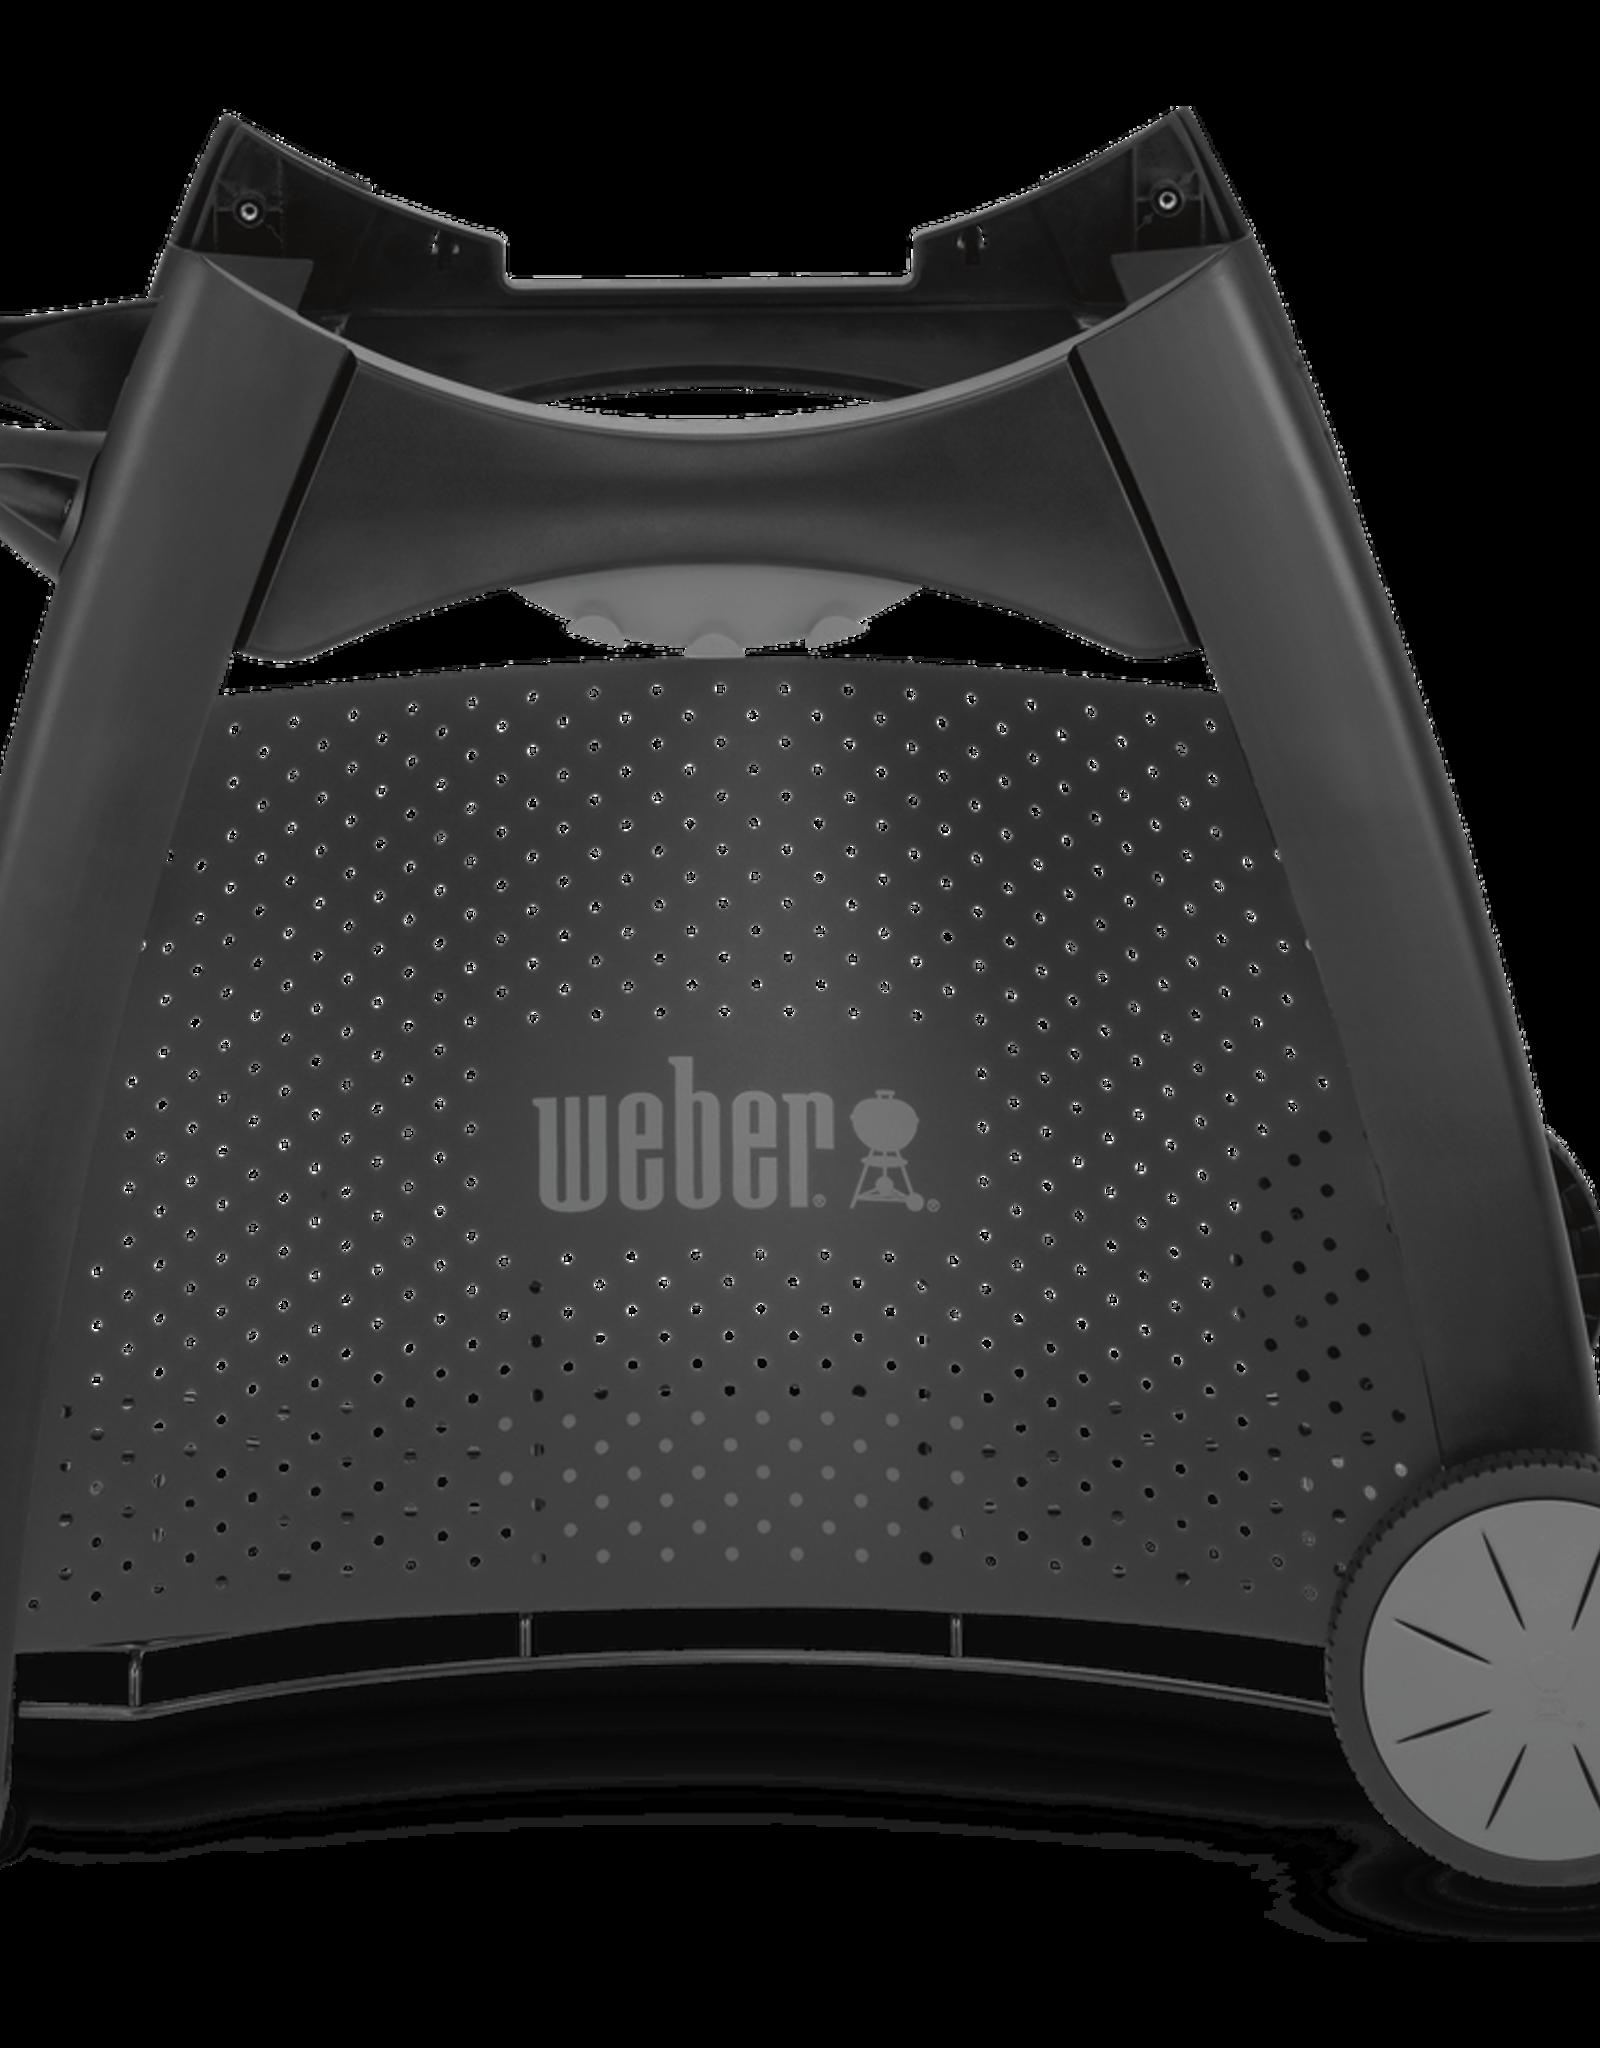 Weber Weber Q Cart